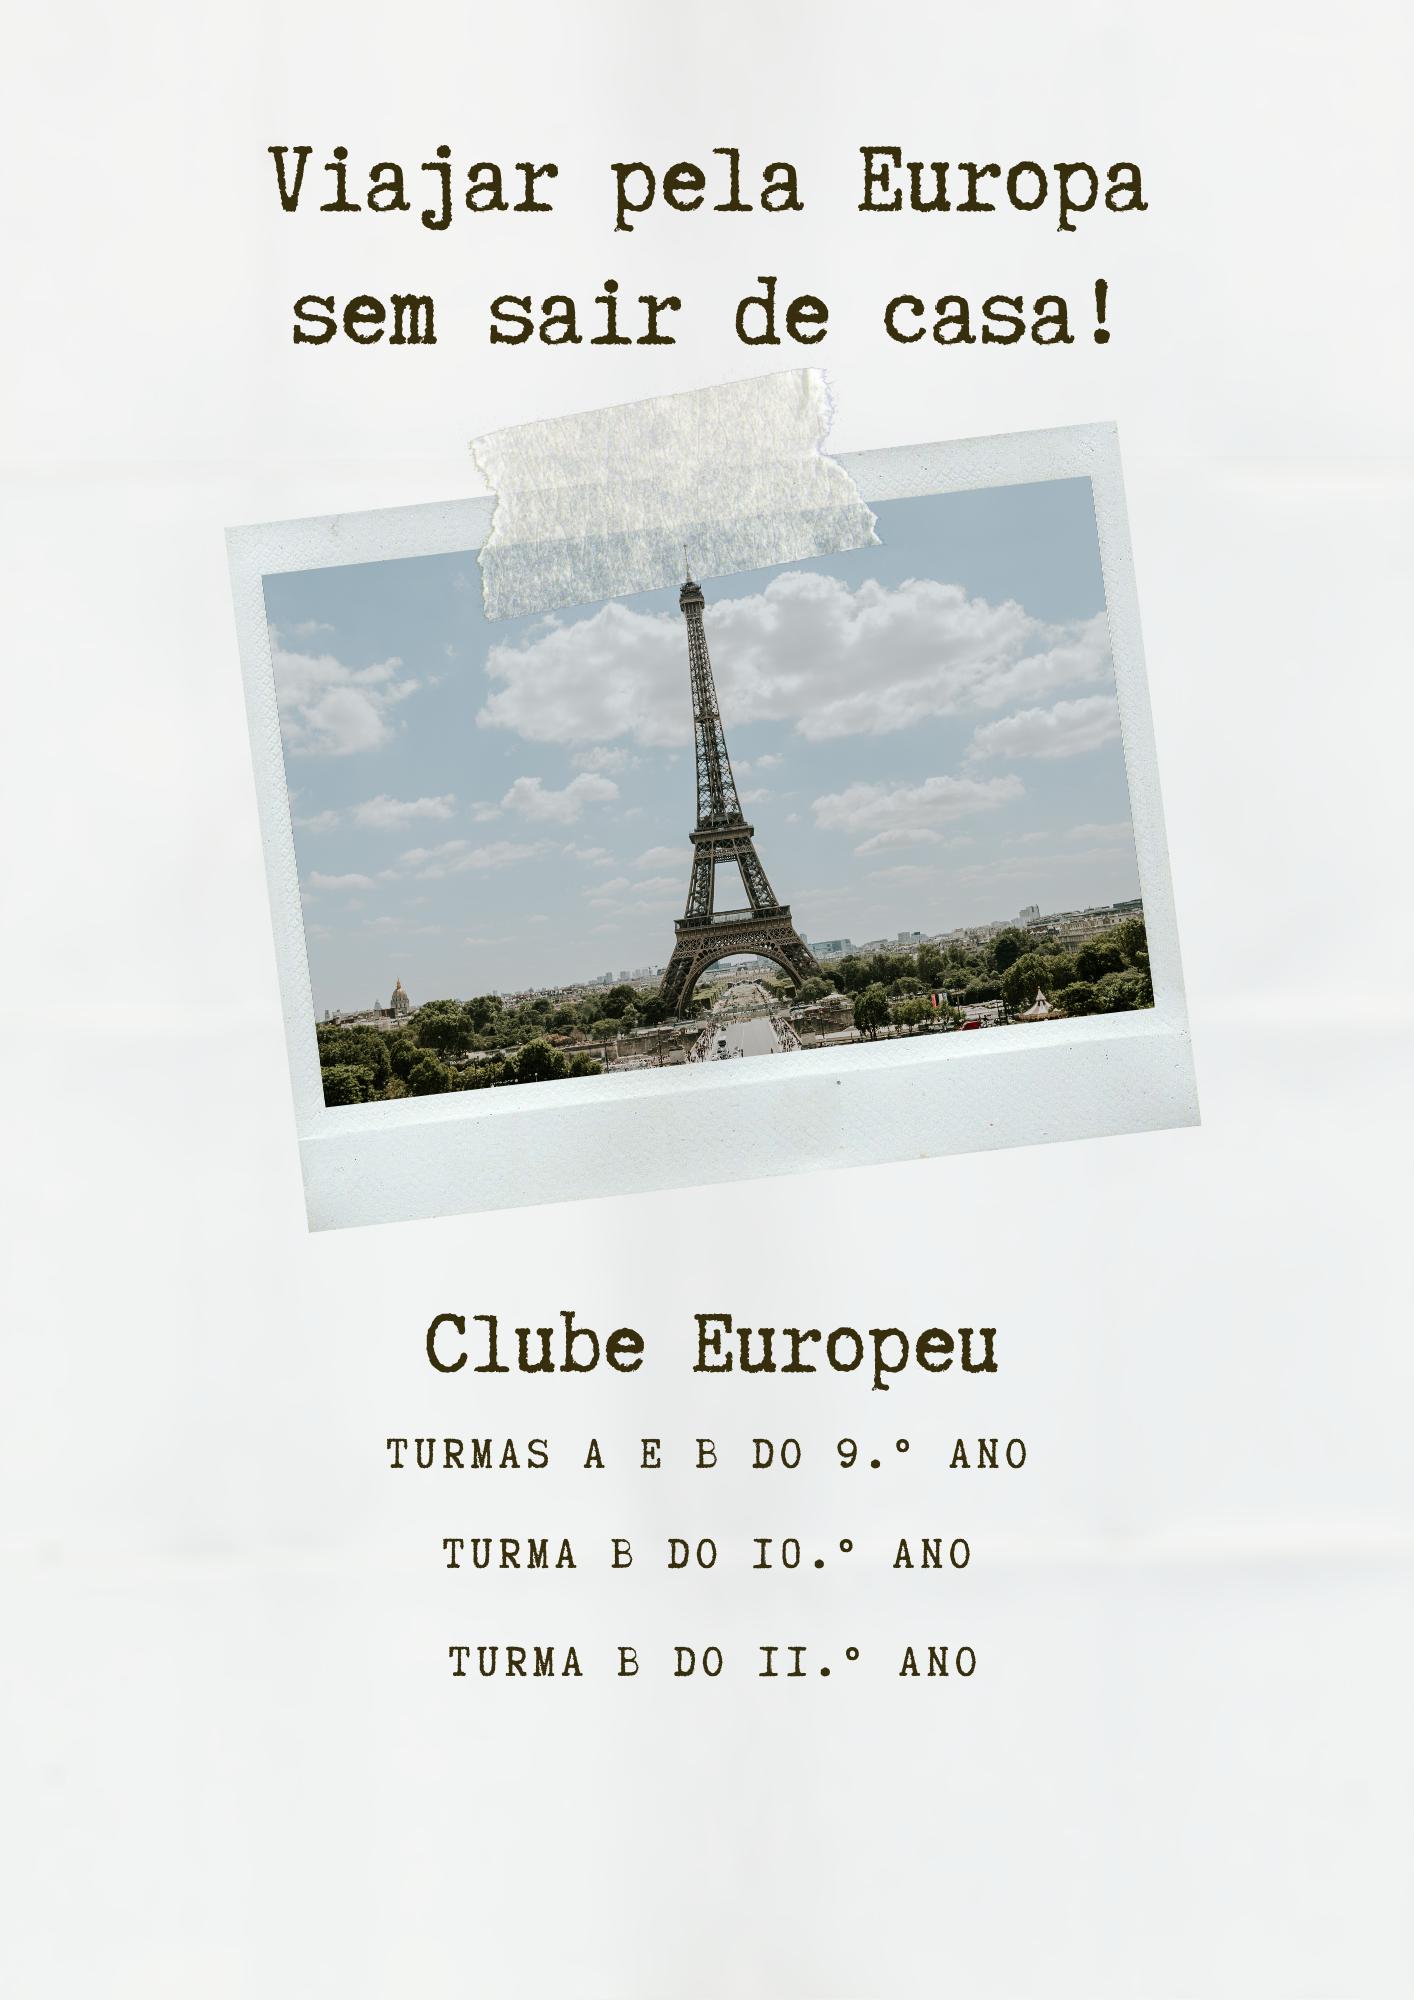 Viajar pela Europa sem sair de casa